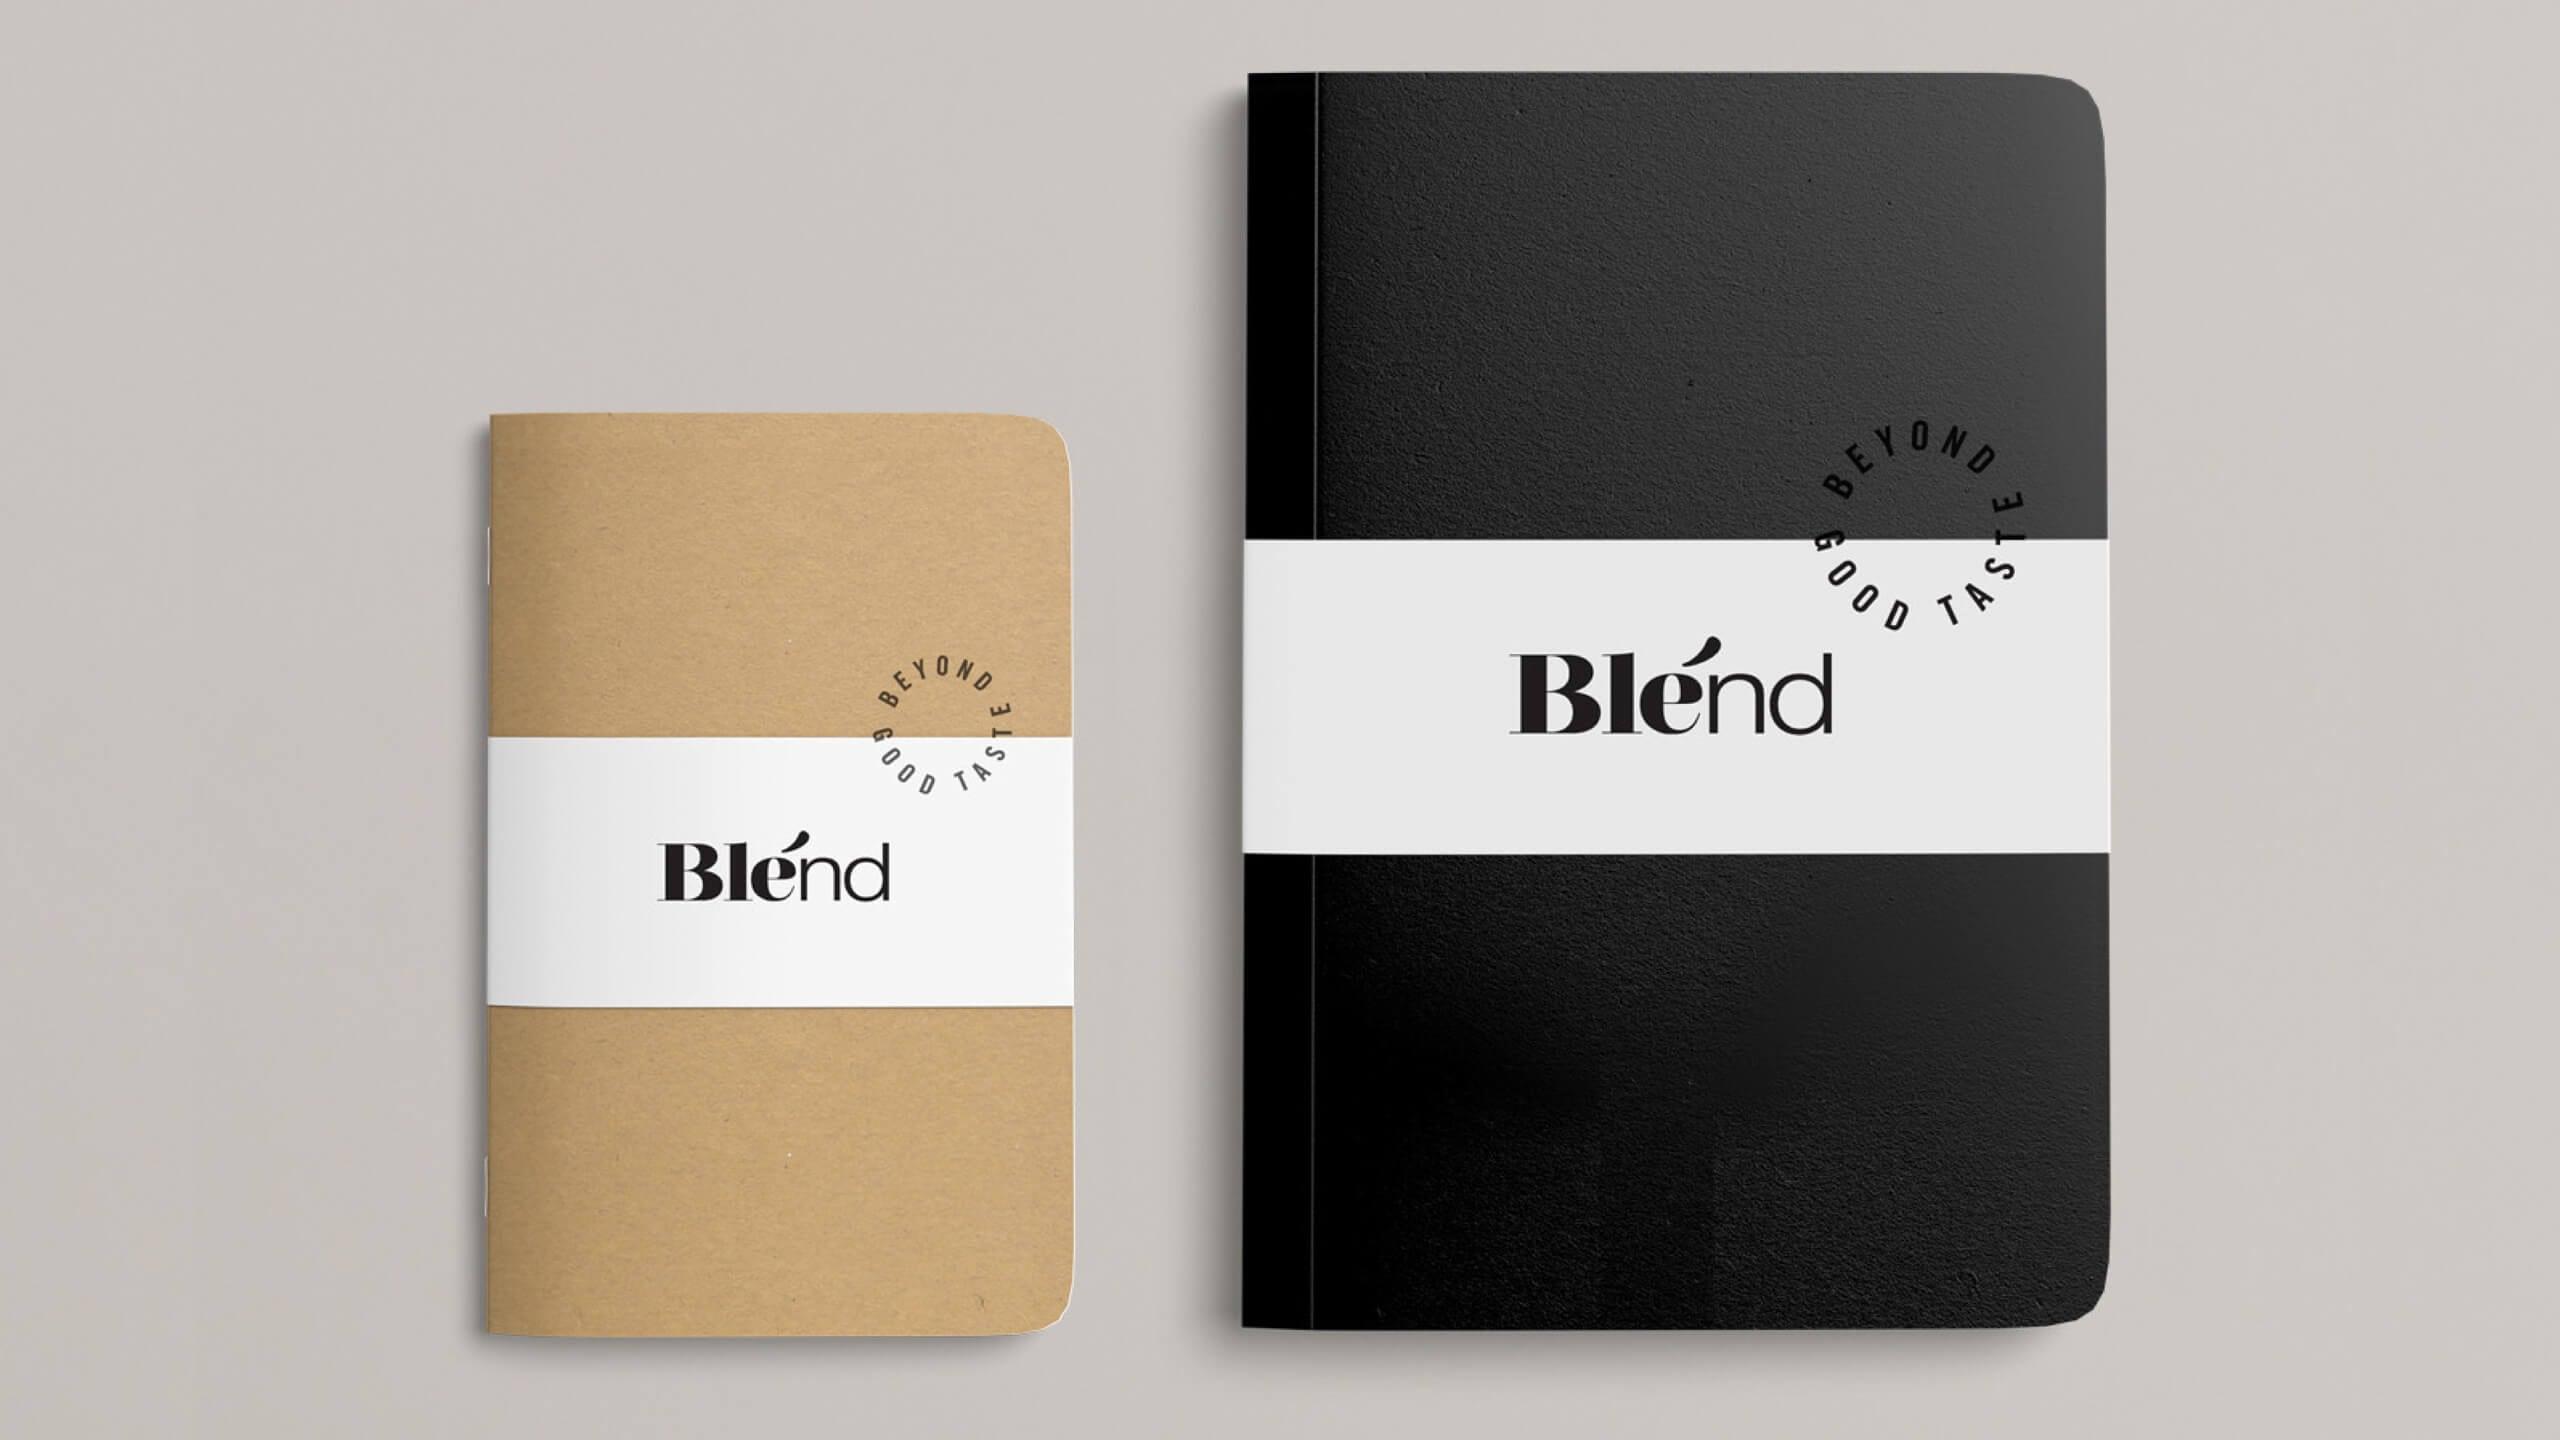 Blend-11